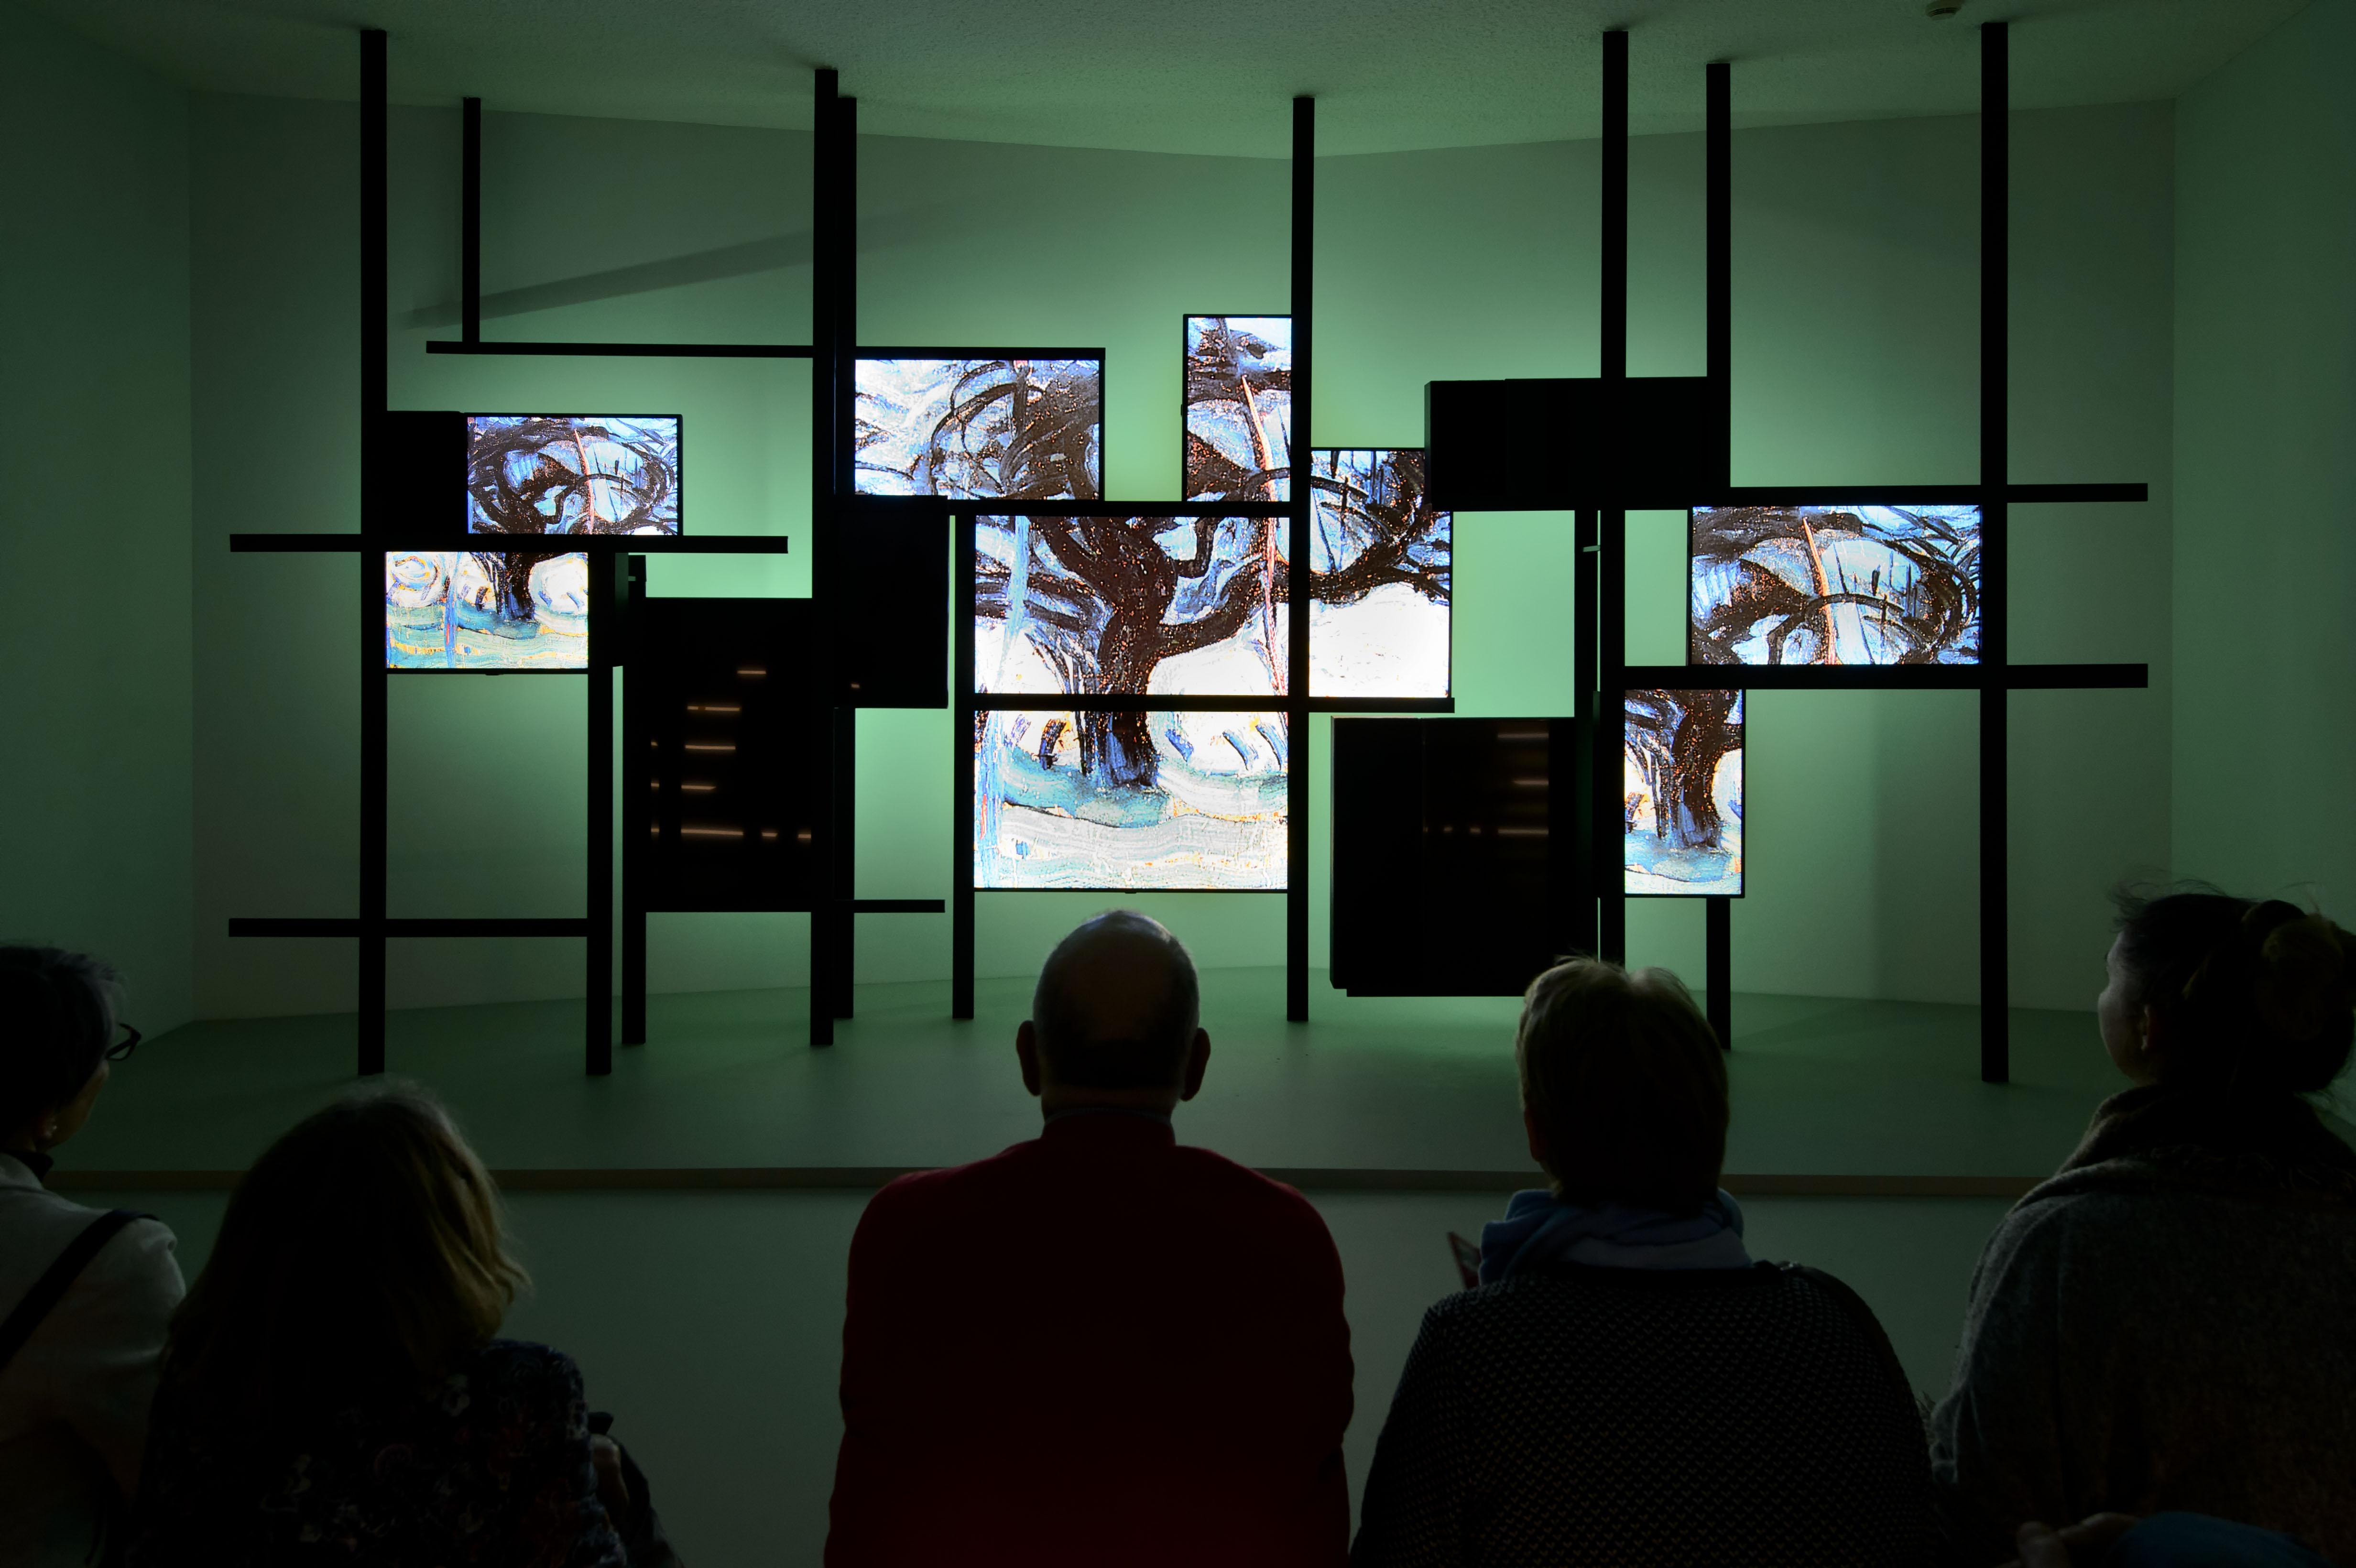 Videozaal in het Mondriaanhuis